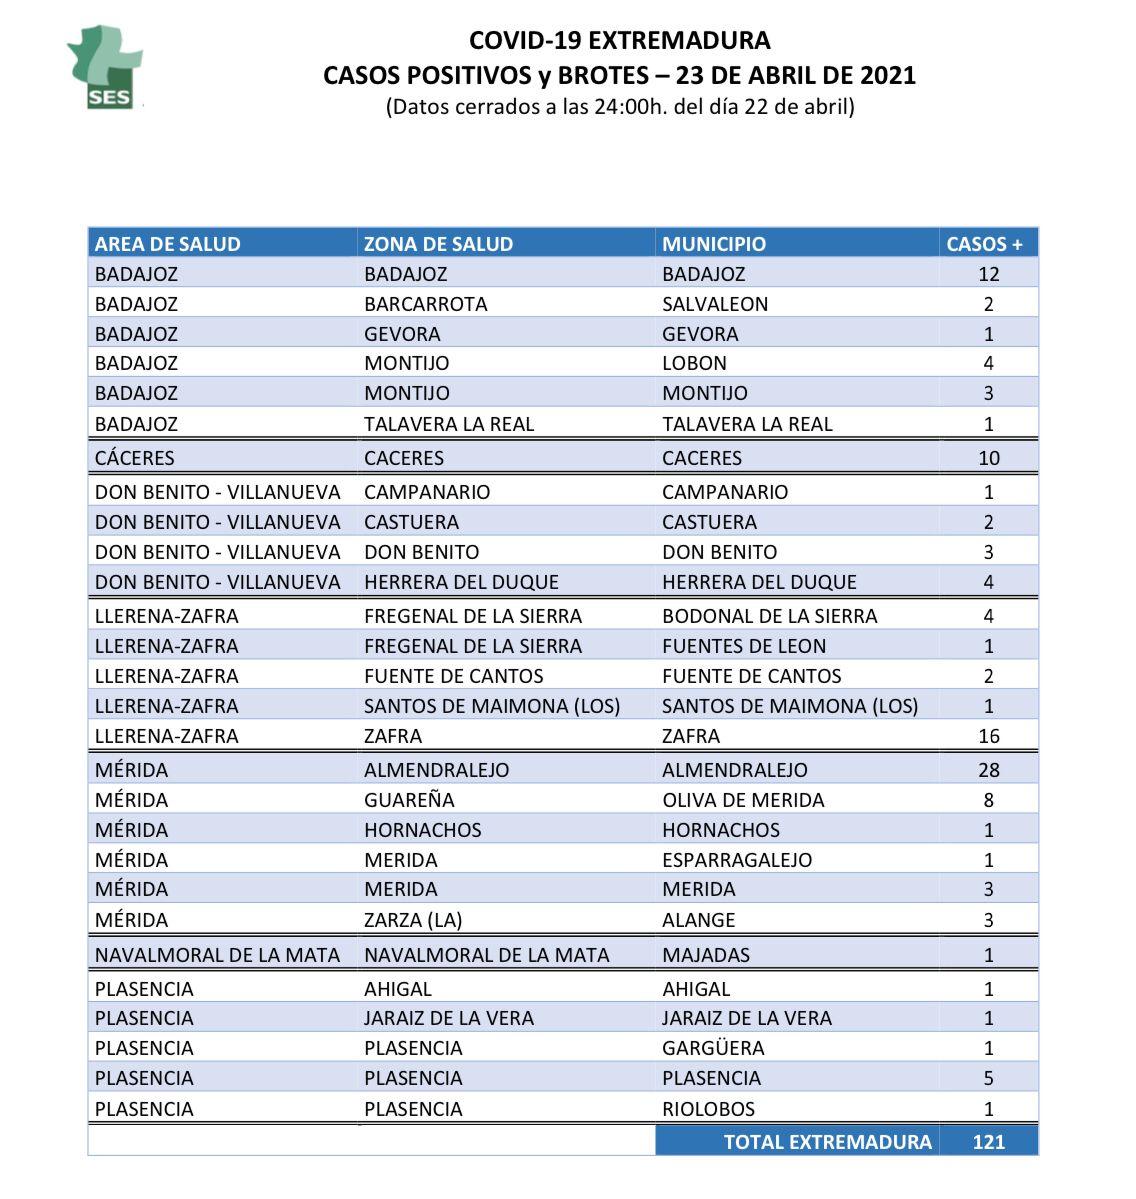 Municipios de Extremadura que notifican positivos y brotes de coronavirus el 23 de abril